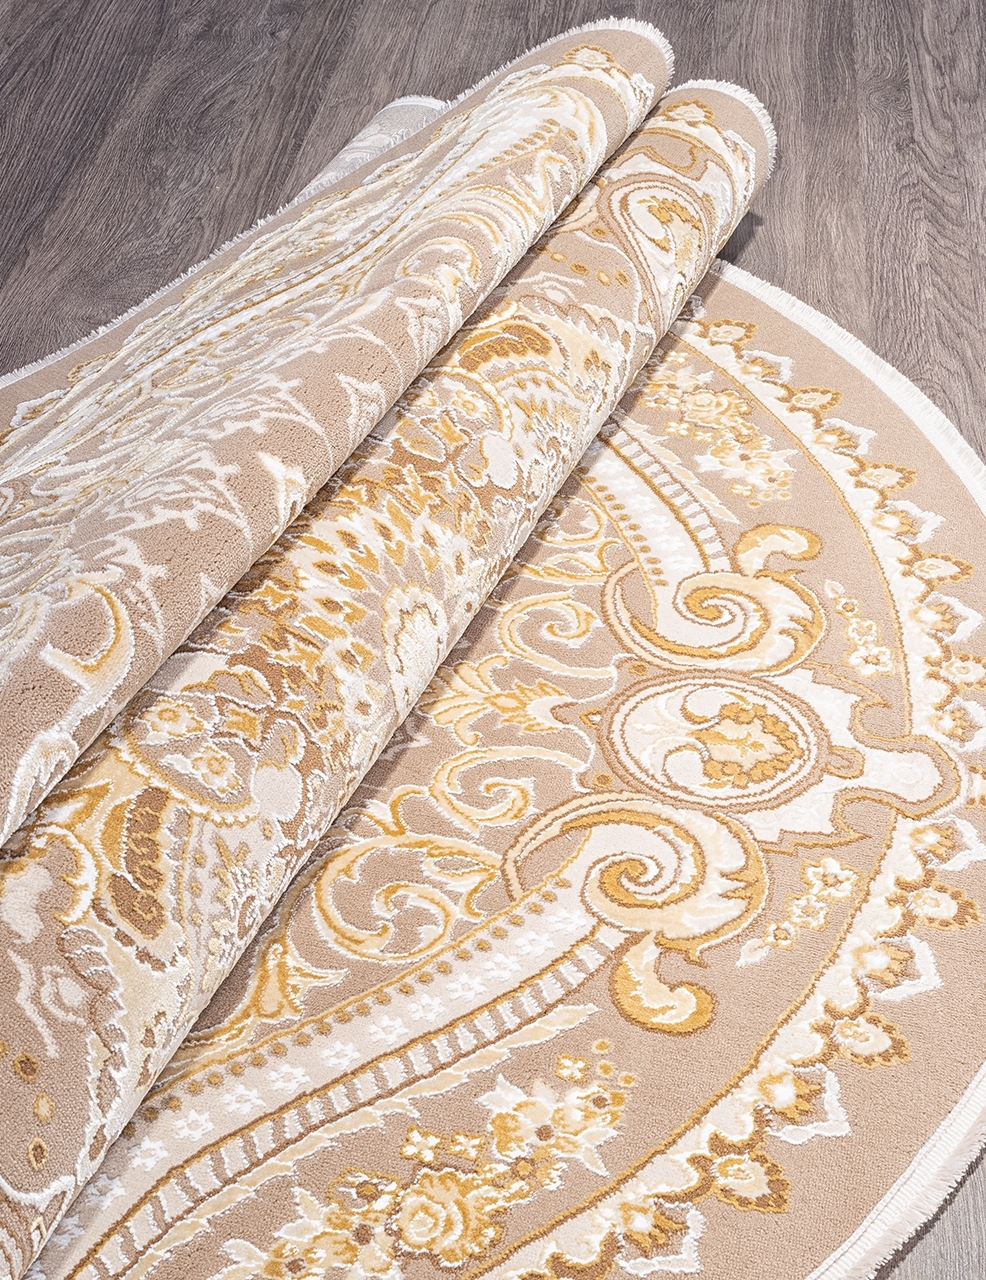 Ковер 33525 - 070 BEIGE - Овал - коллекция QATAR - фото 4